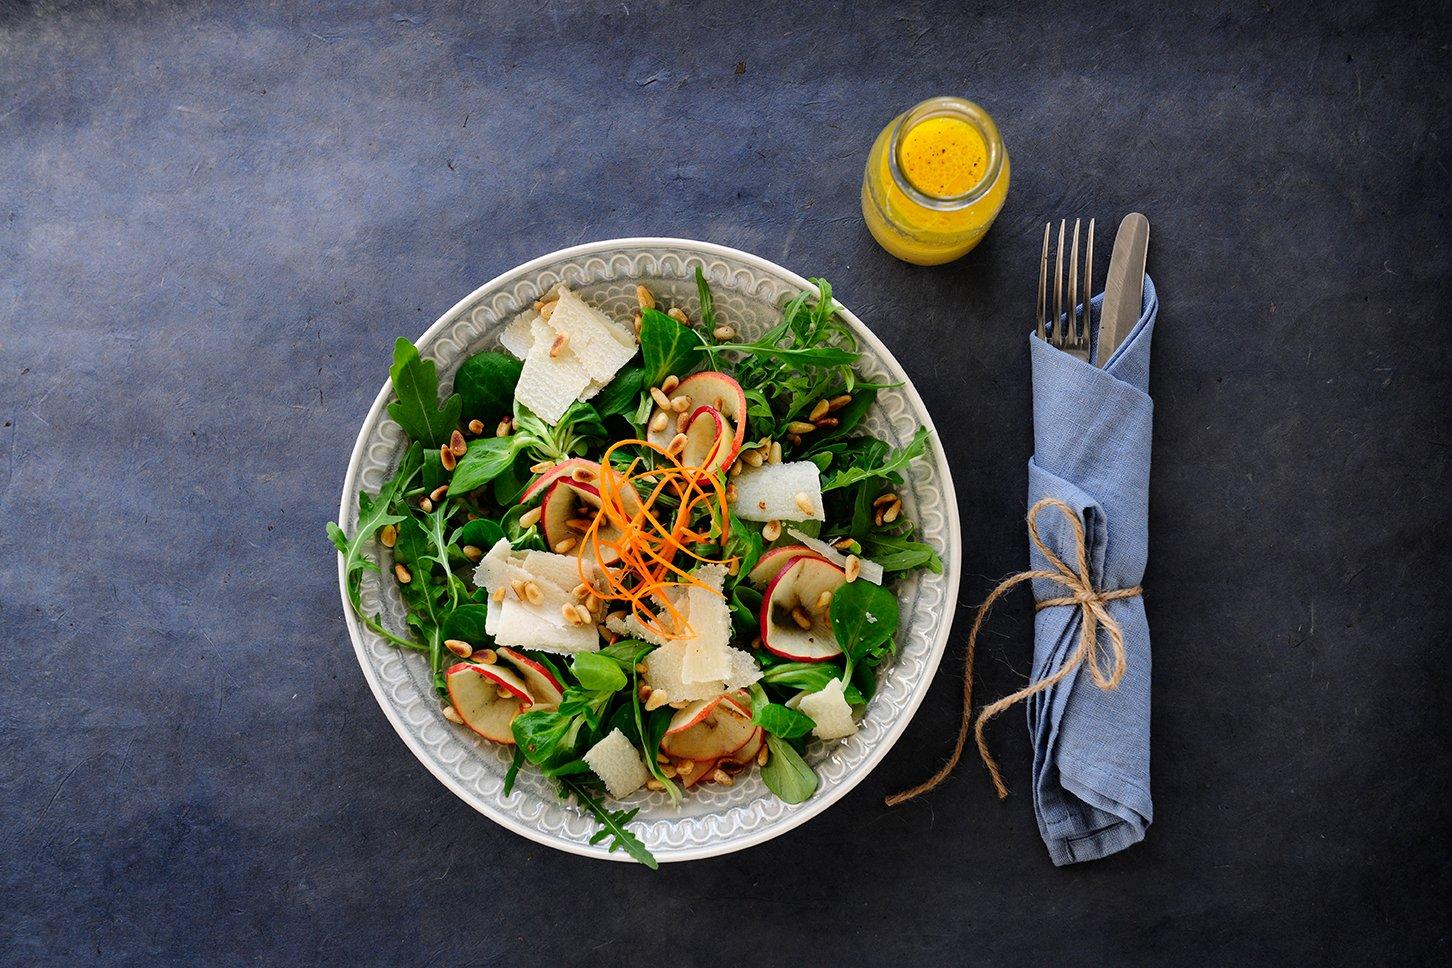 Salat mit Apfel, Parmesan & Pinienkernen Foto Maike Helbig  MyOtherStories.de